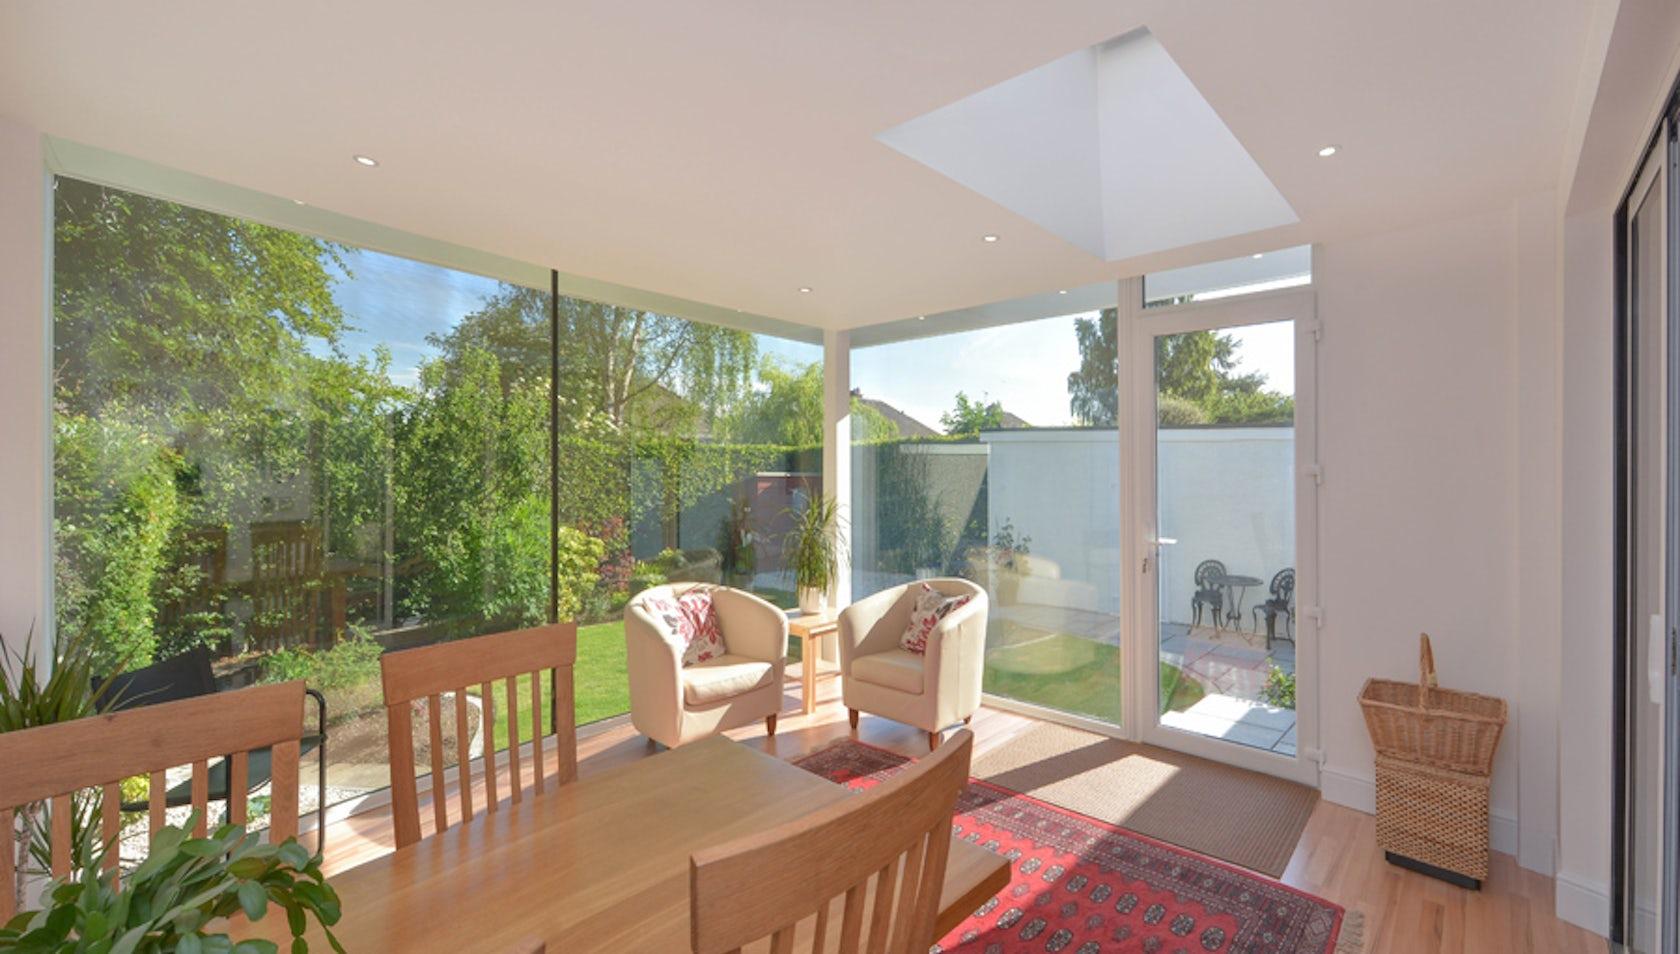 Contemporary garden room architizer for Garden rooms york